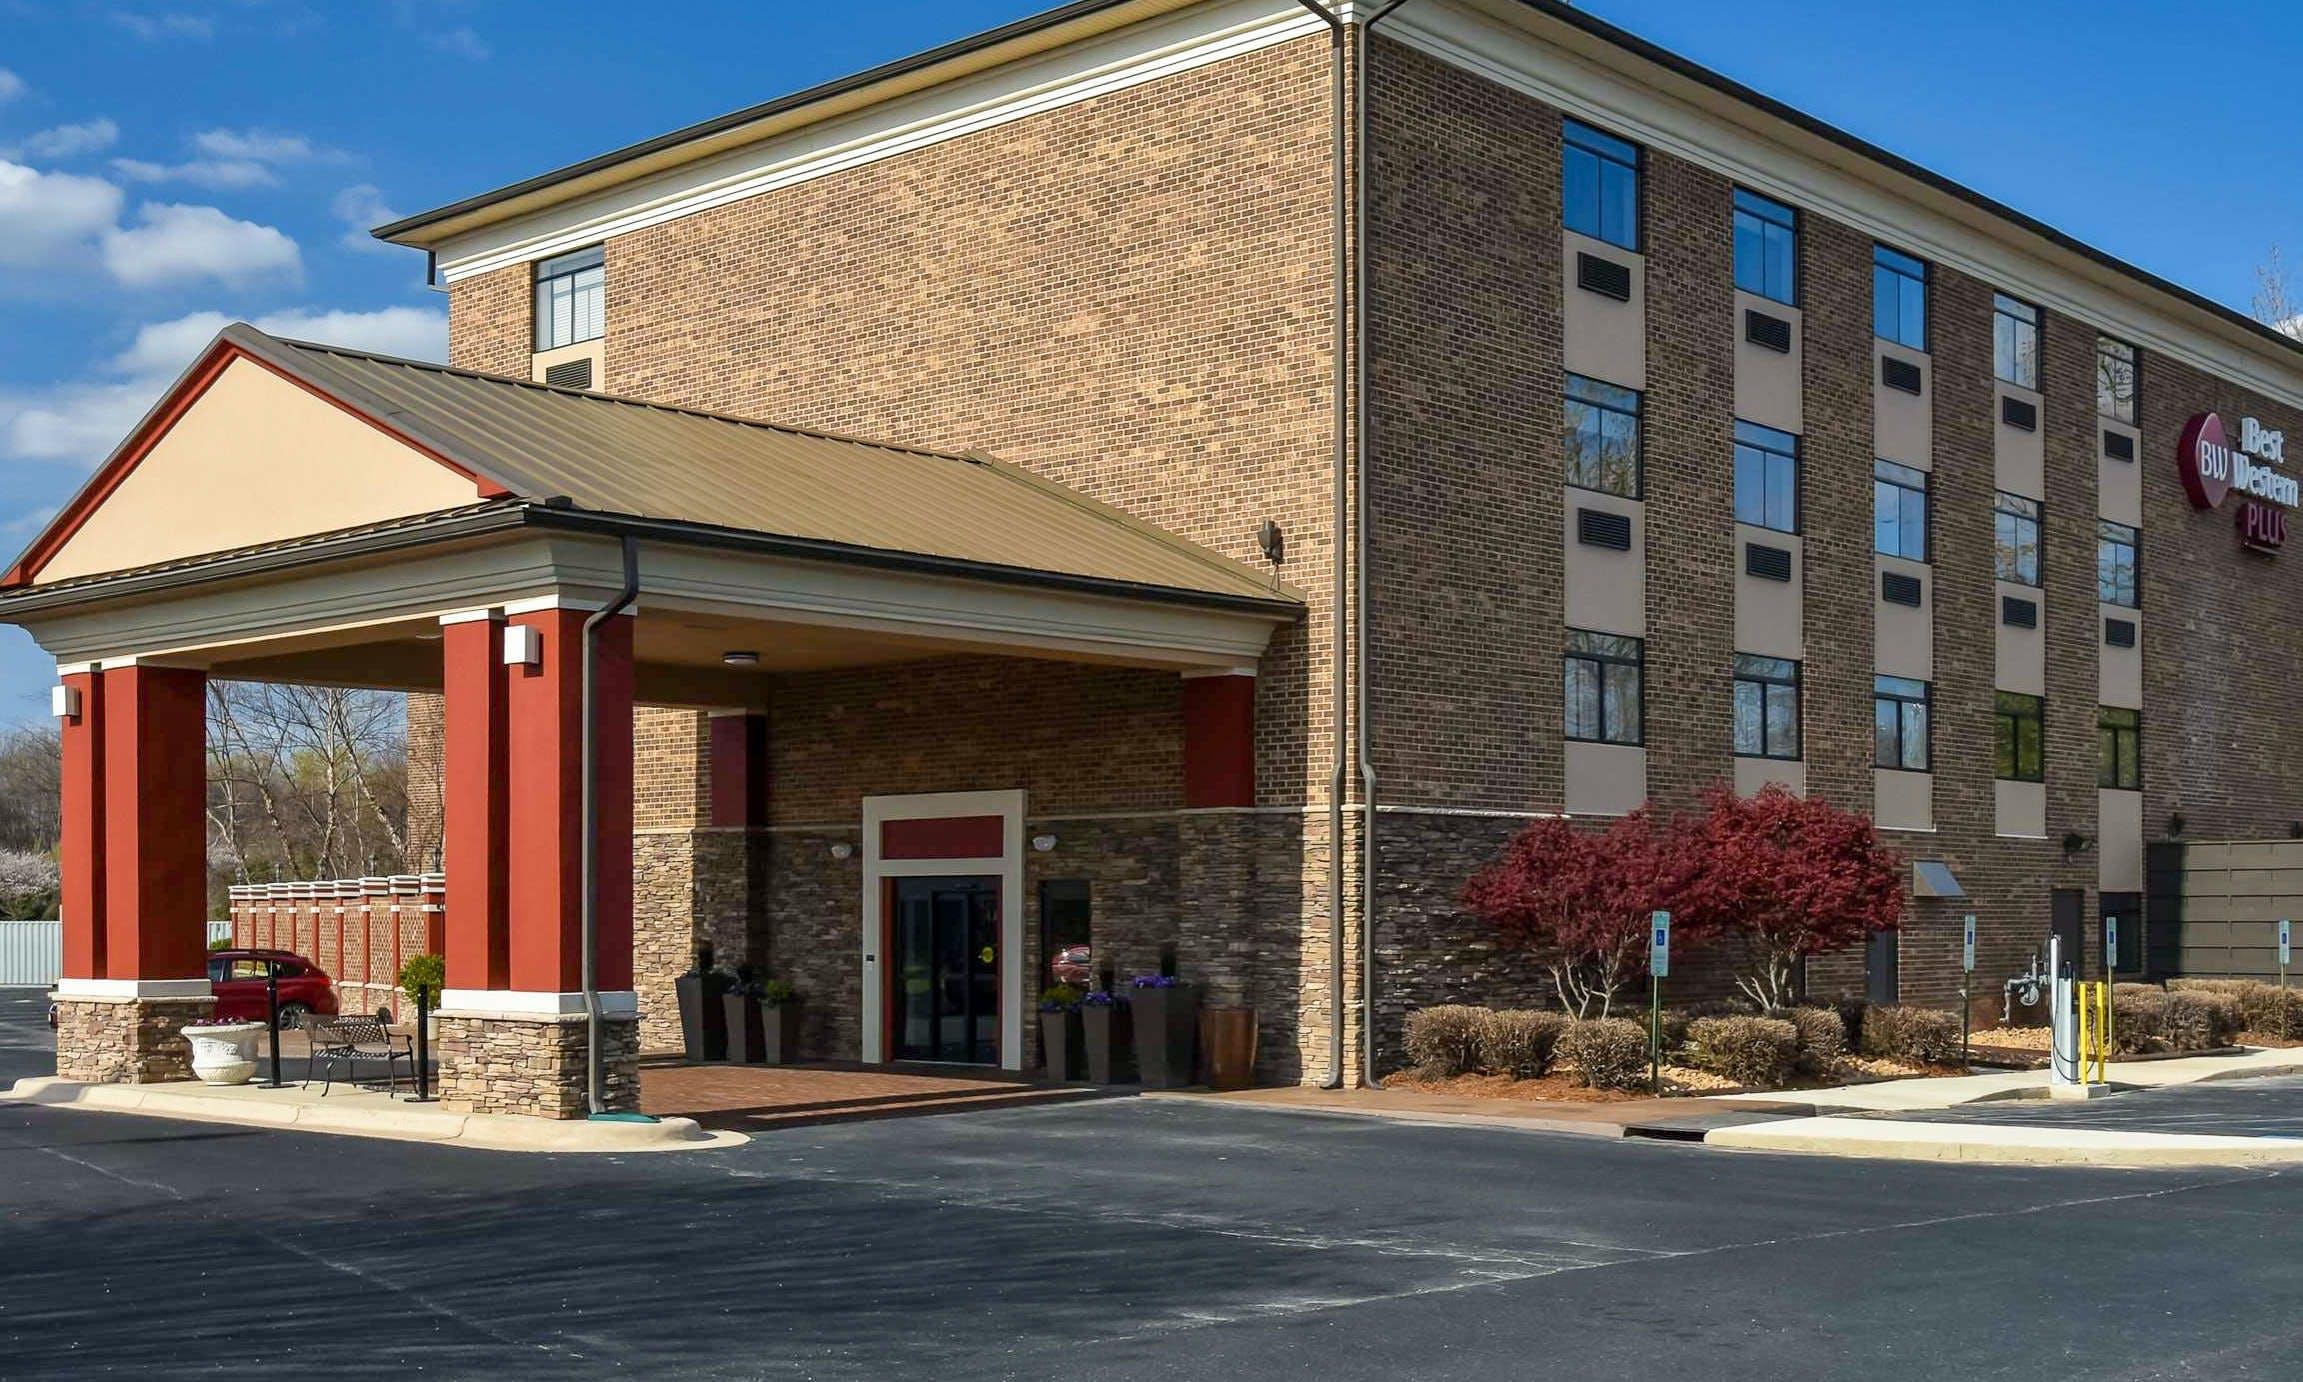 Last Minute Hotel Deals in Charlotte - HotelTonight